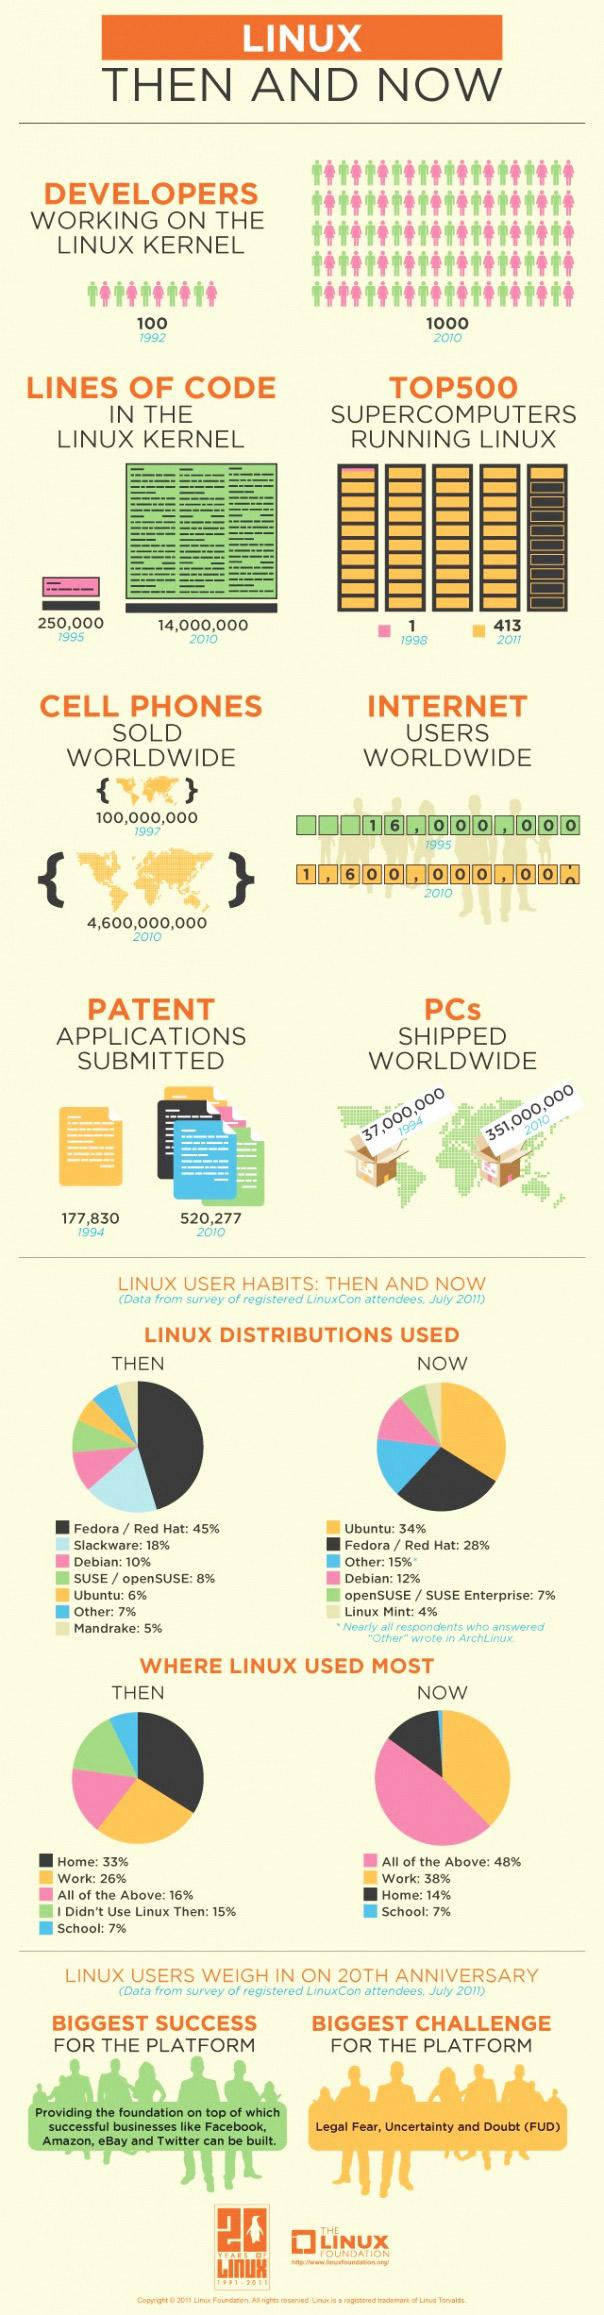 리눅스의 성장률과 트렌드 [인포그래픽]